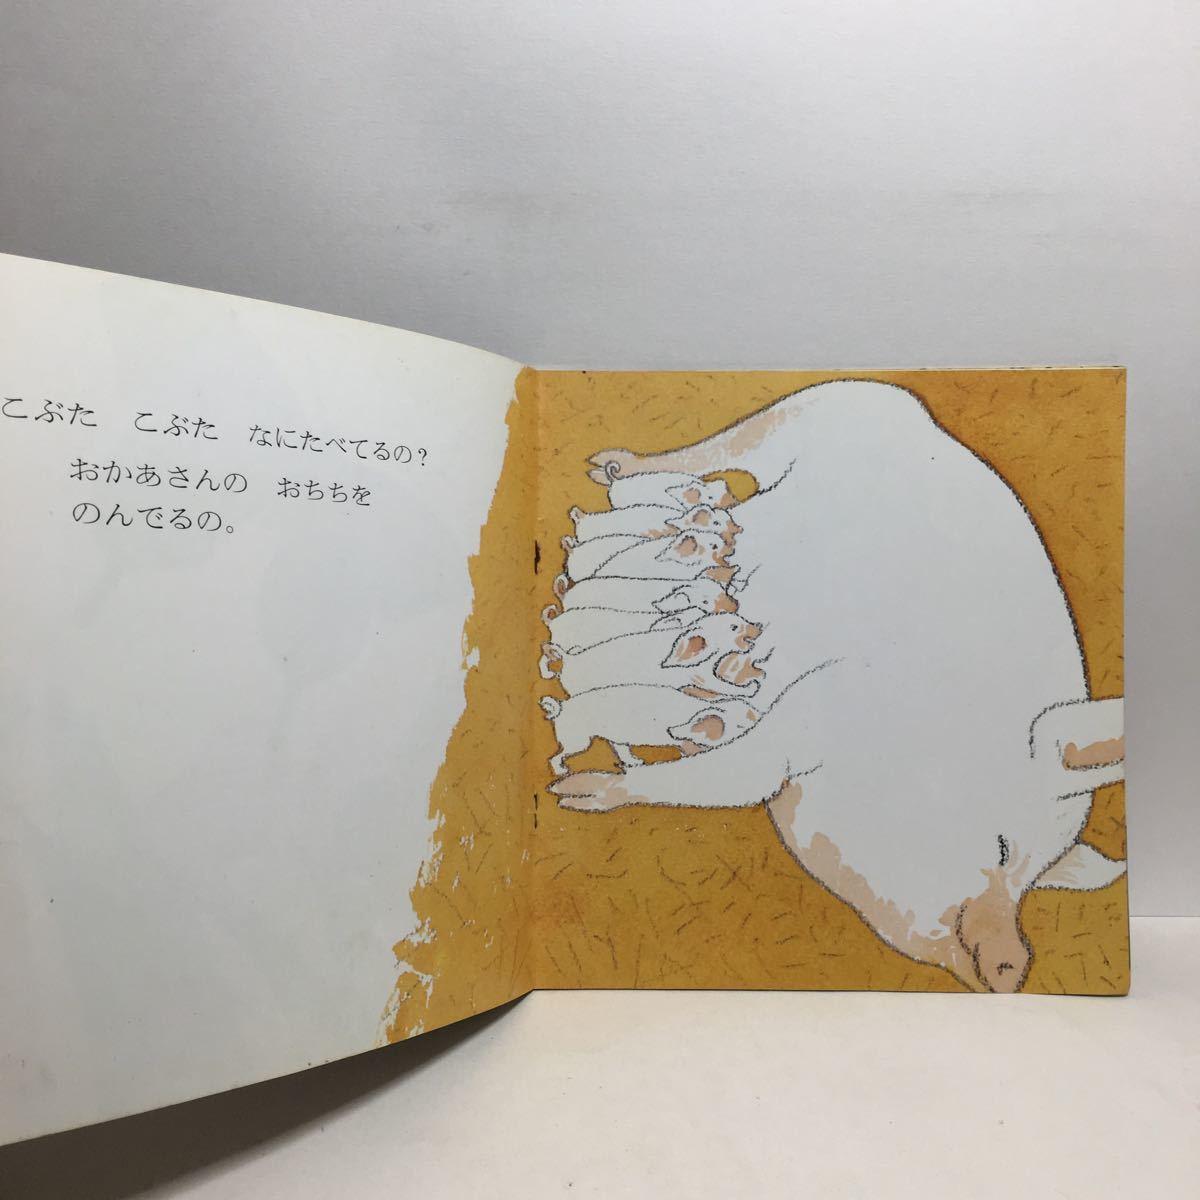 y3/うさぎうさぎ なにたべてるの 松野正子・作 大沢昌助・絵 年少版こどものとも 福音館書店 1983年 ゆうメール送料180円_画像4